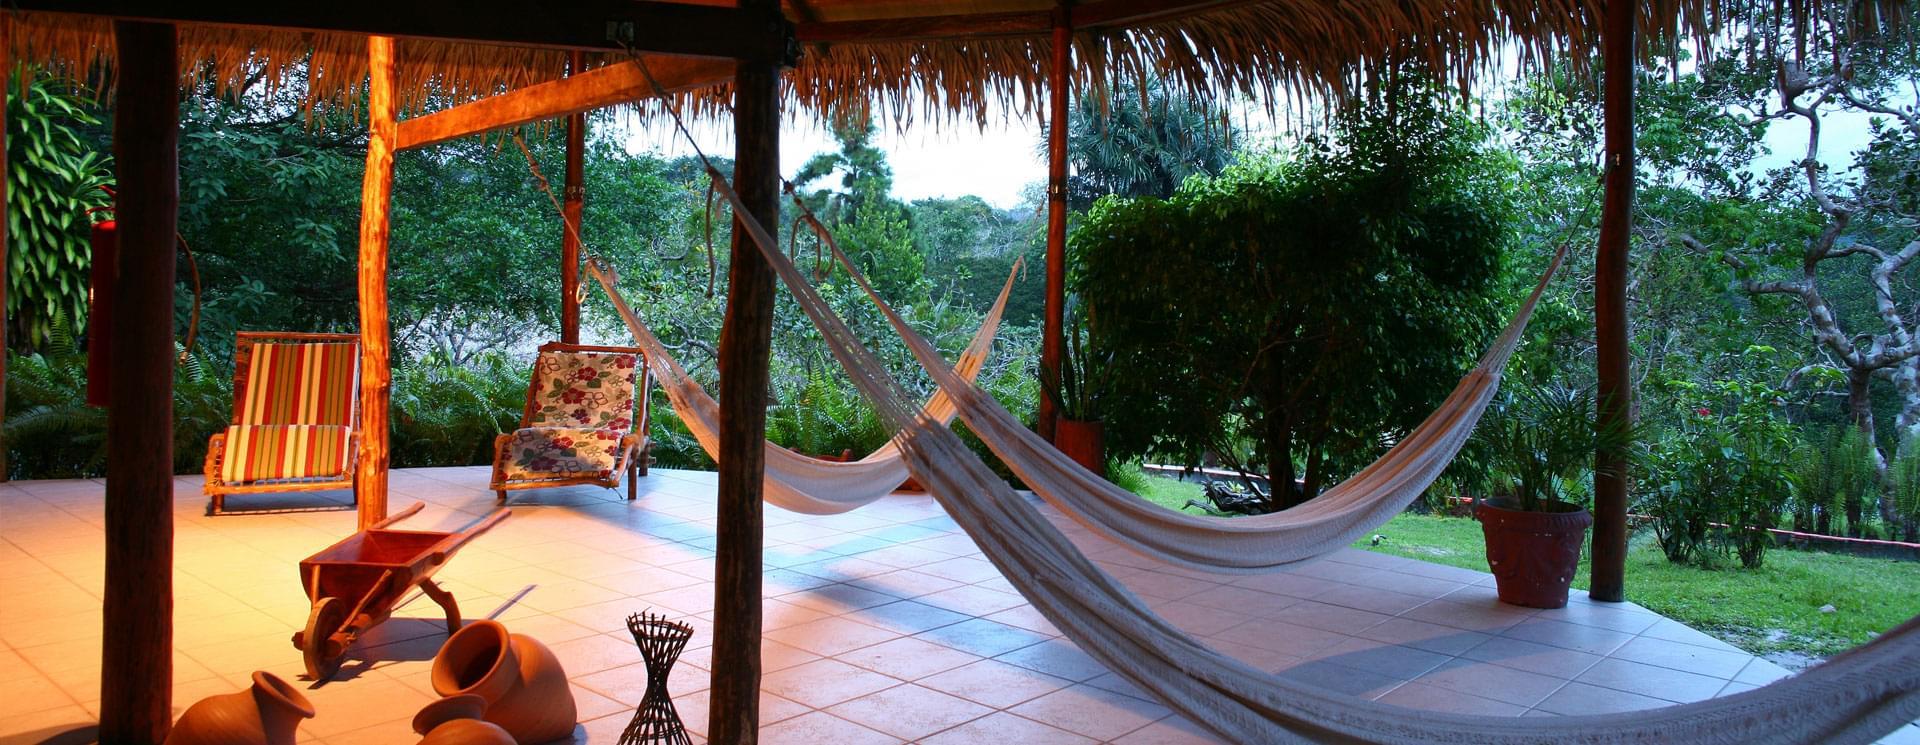 世界最大のアマゾン川のワイルドなジャングルロッジに宿泊してみよう!